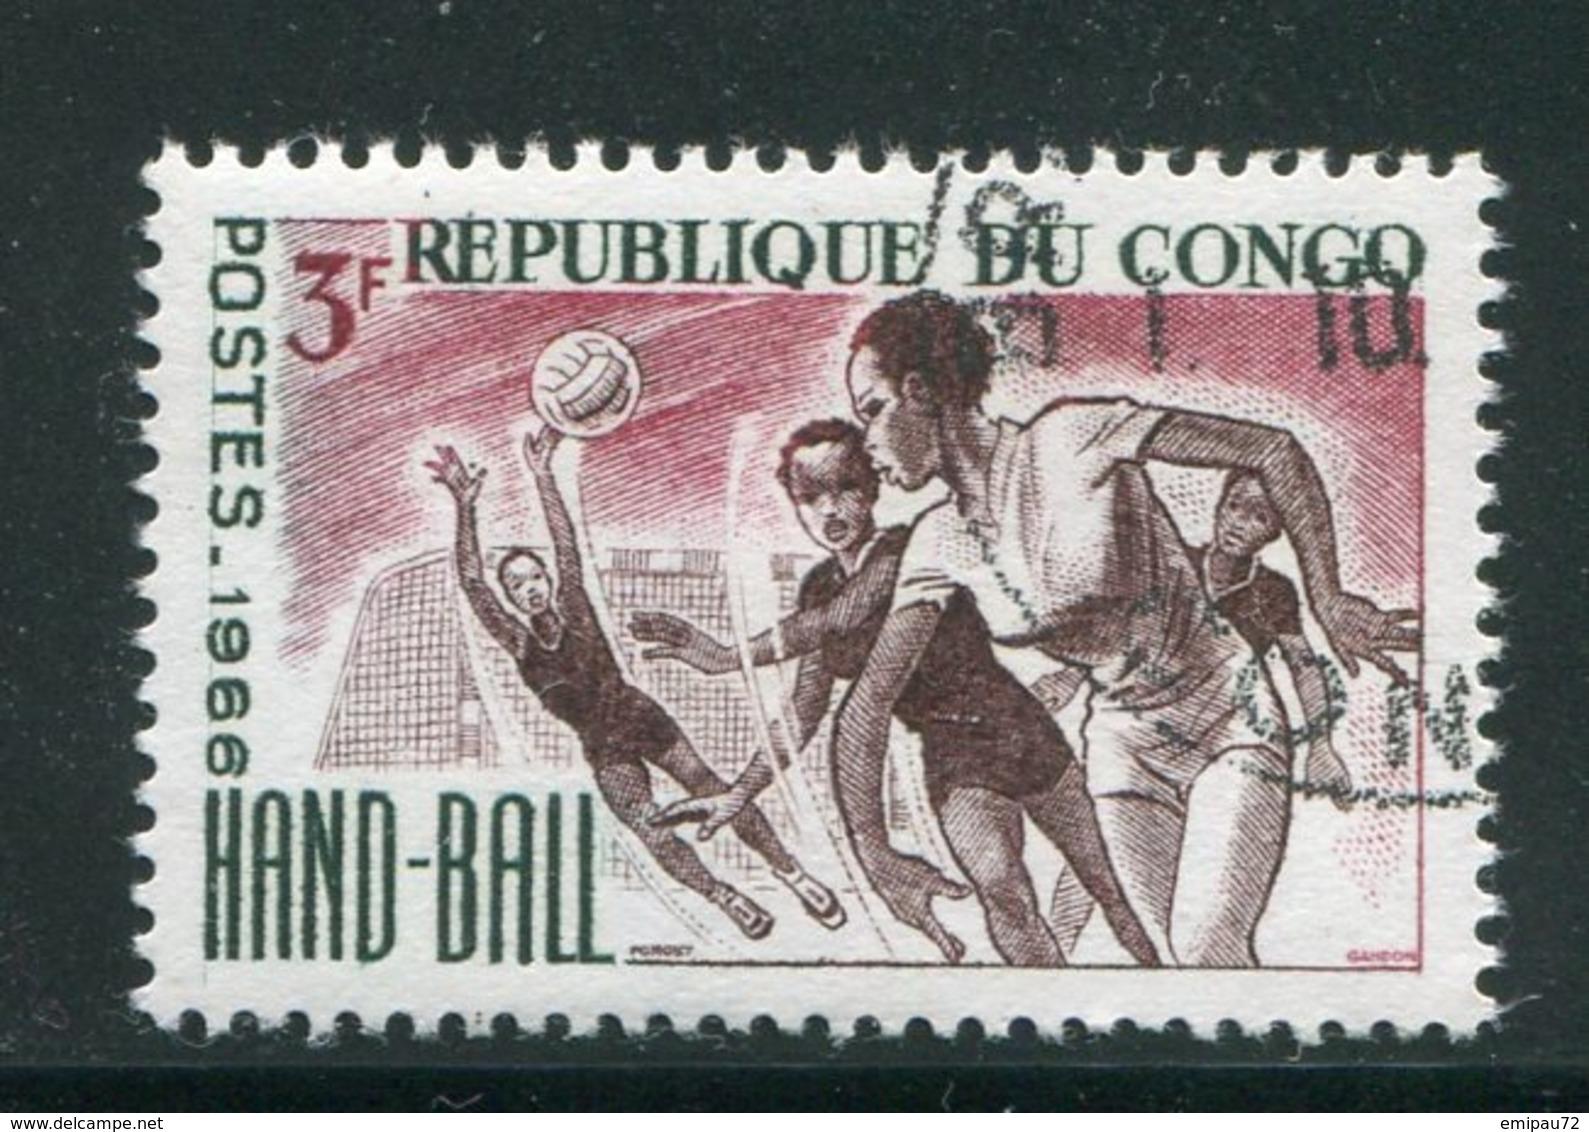 CONGO- Y&T N°191- Oblitéré (hand-ball) - Oblitérés